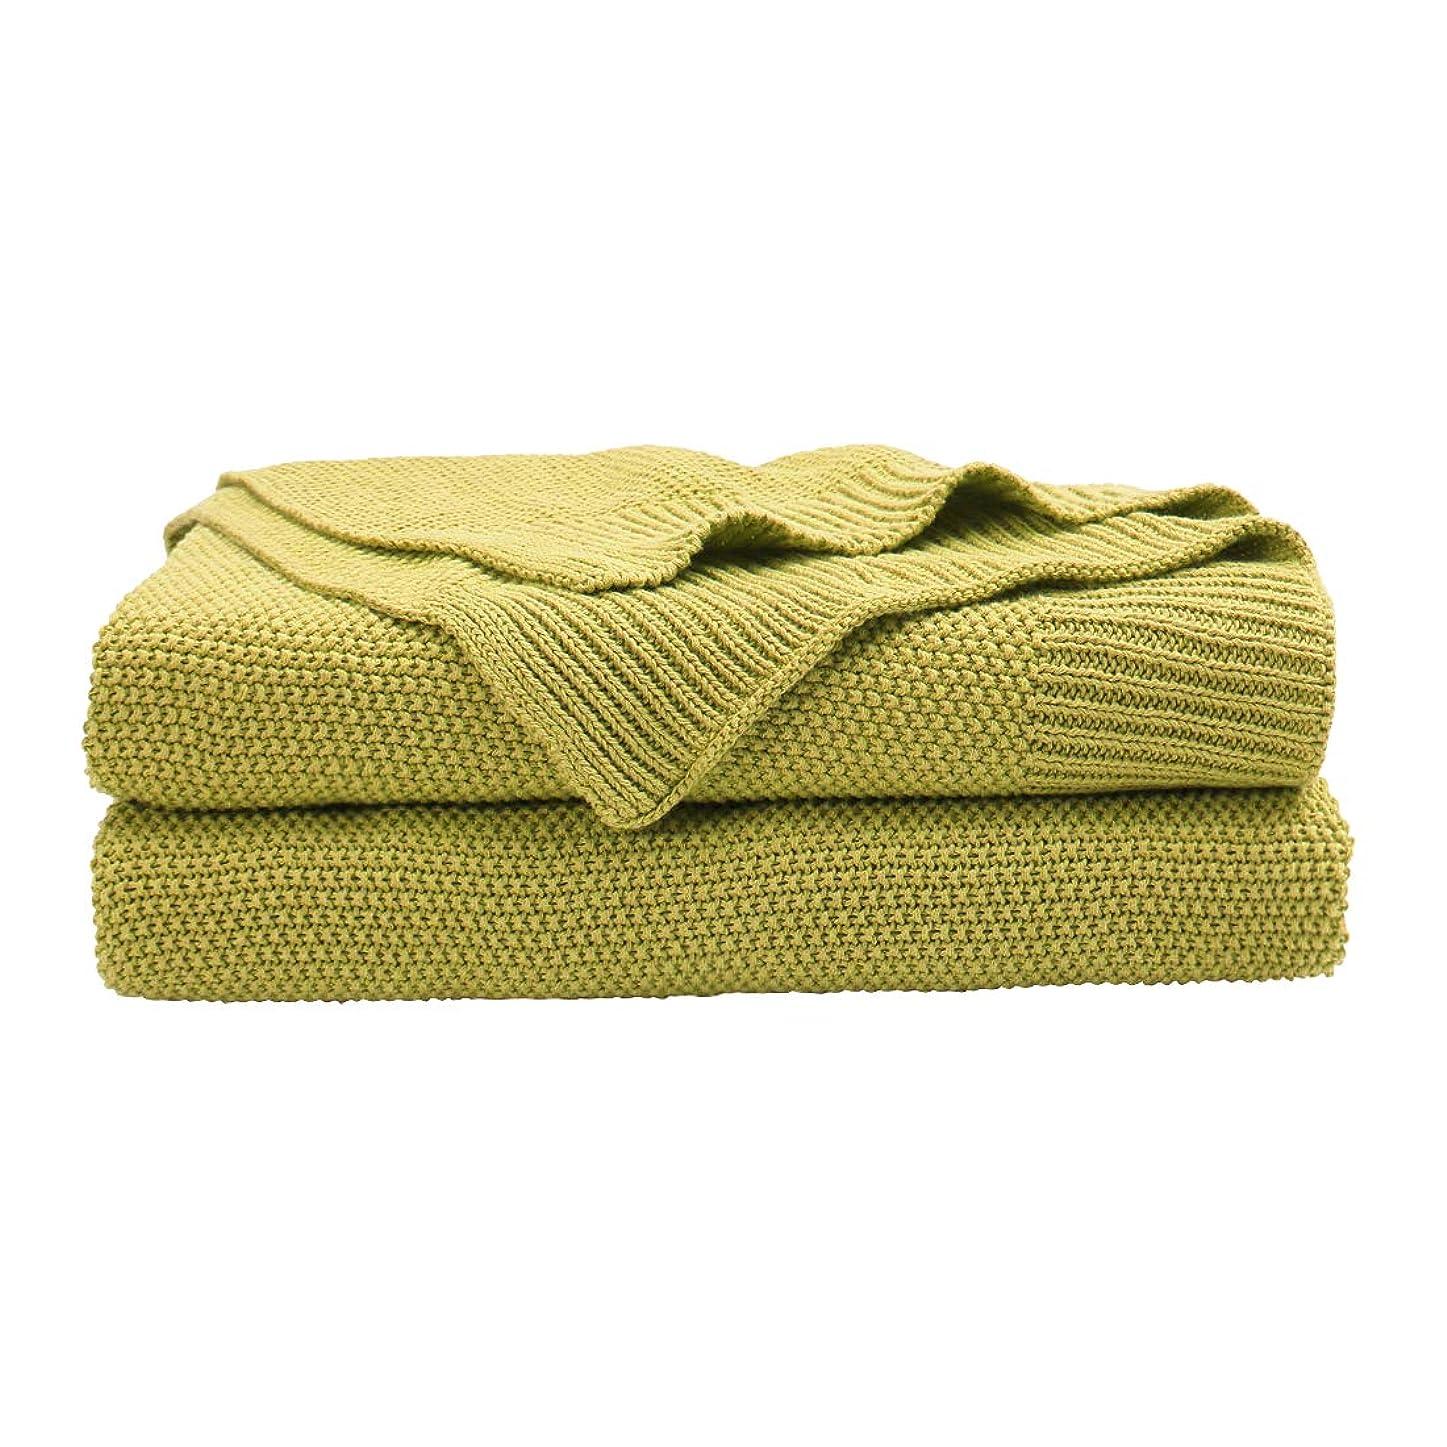 ましい活性化妻uxcell ブランケット?100%コットンニットスローソフトソリッド装飾 ニットブランケット?ソファソファベッドルーム用 黄緑 60